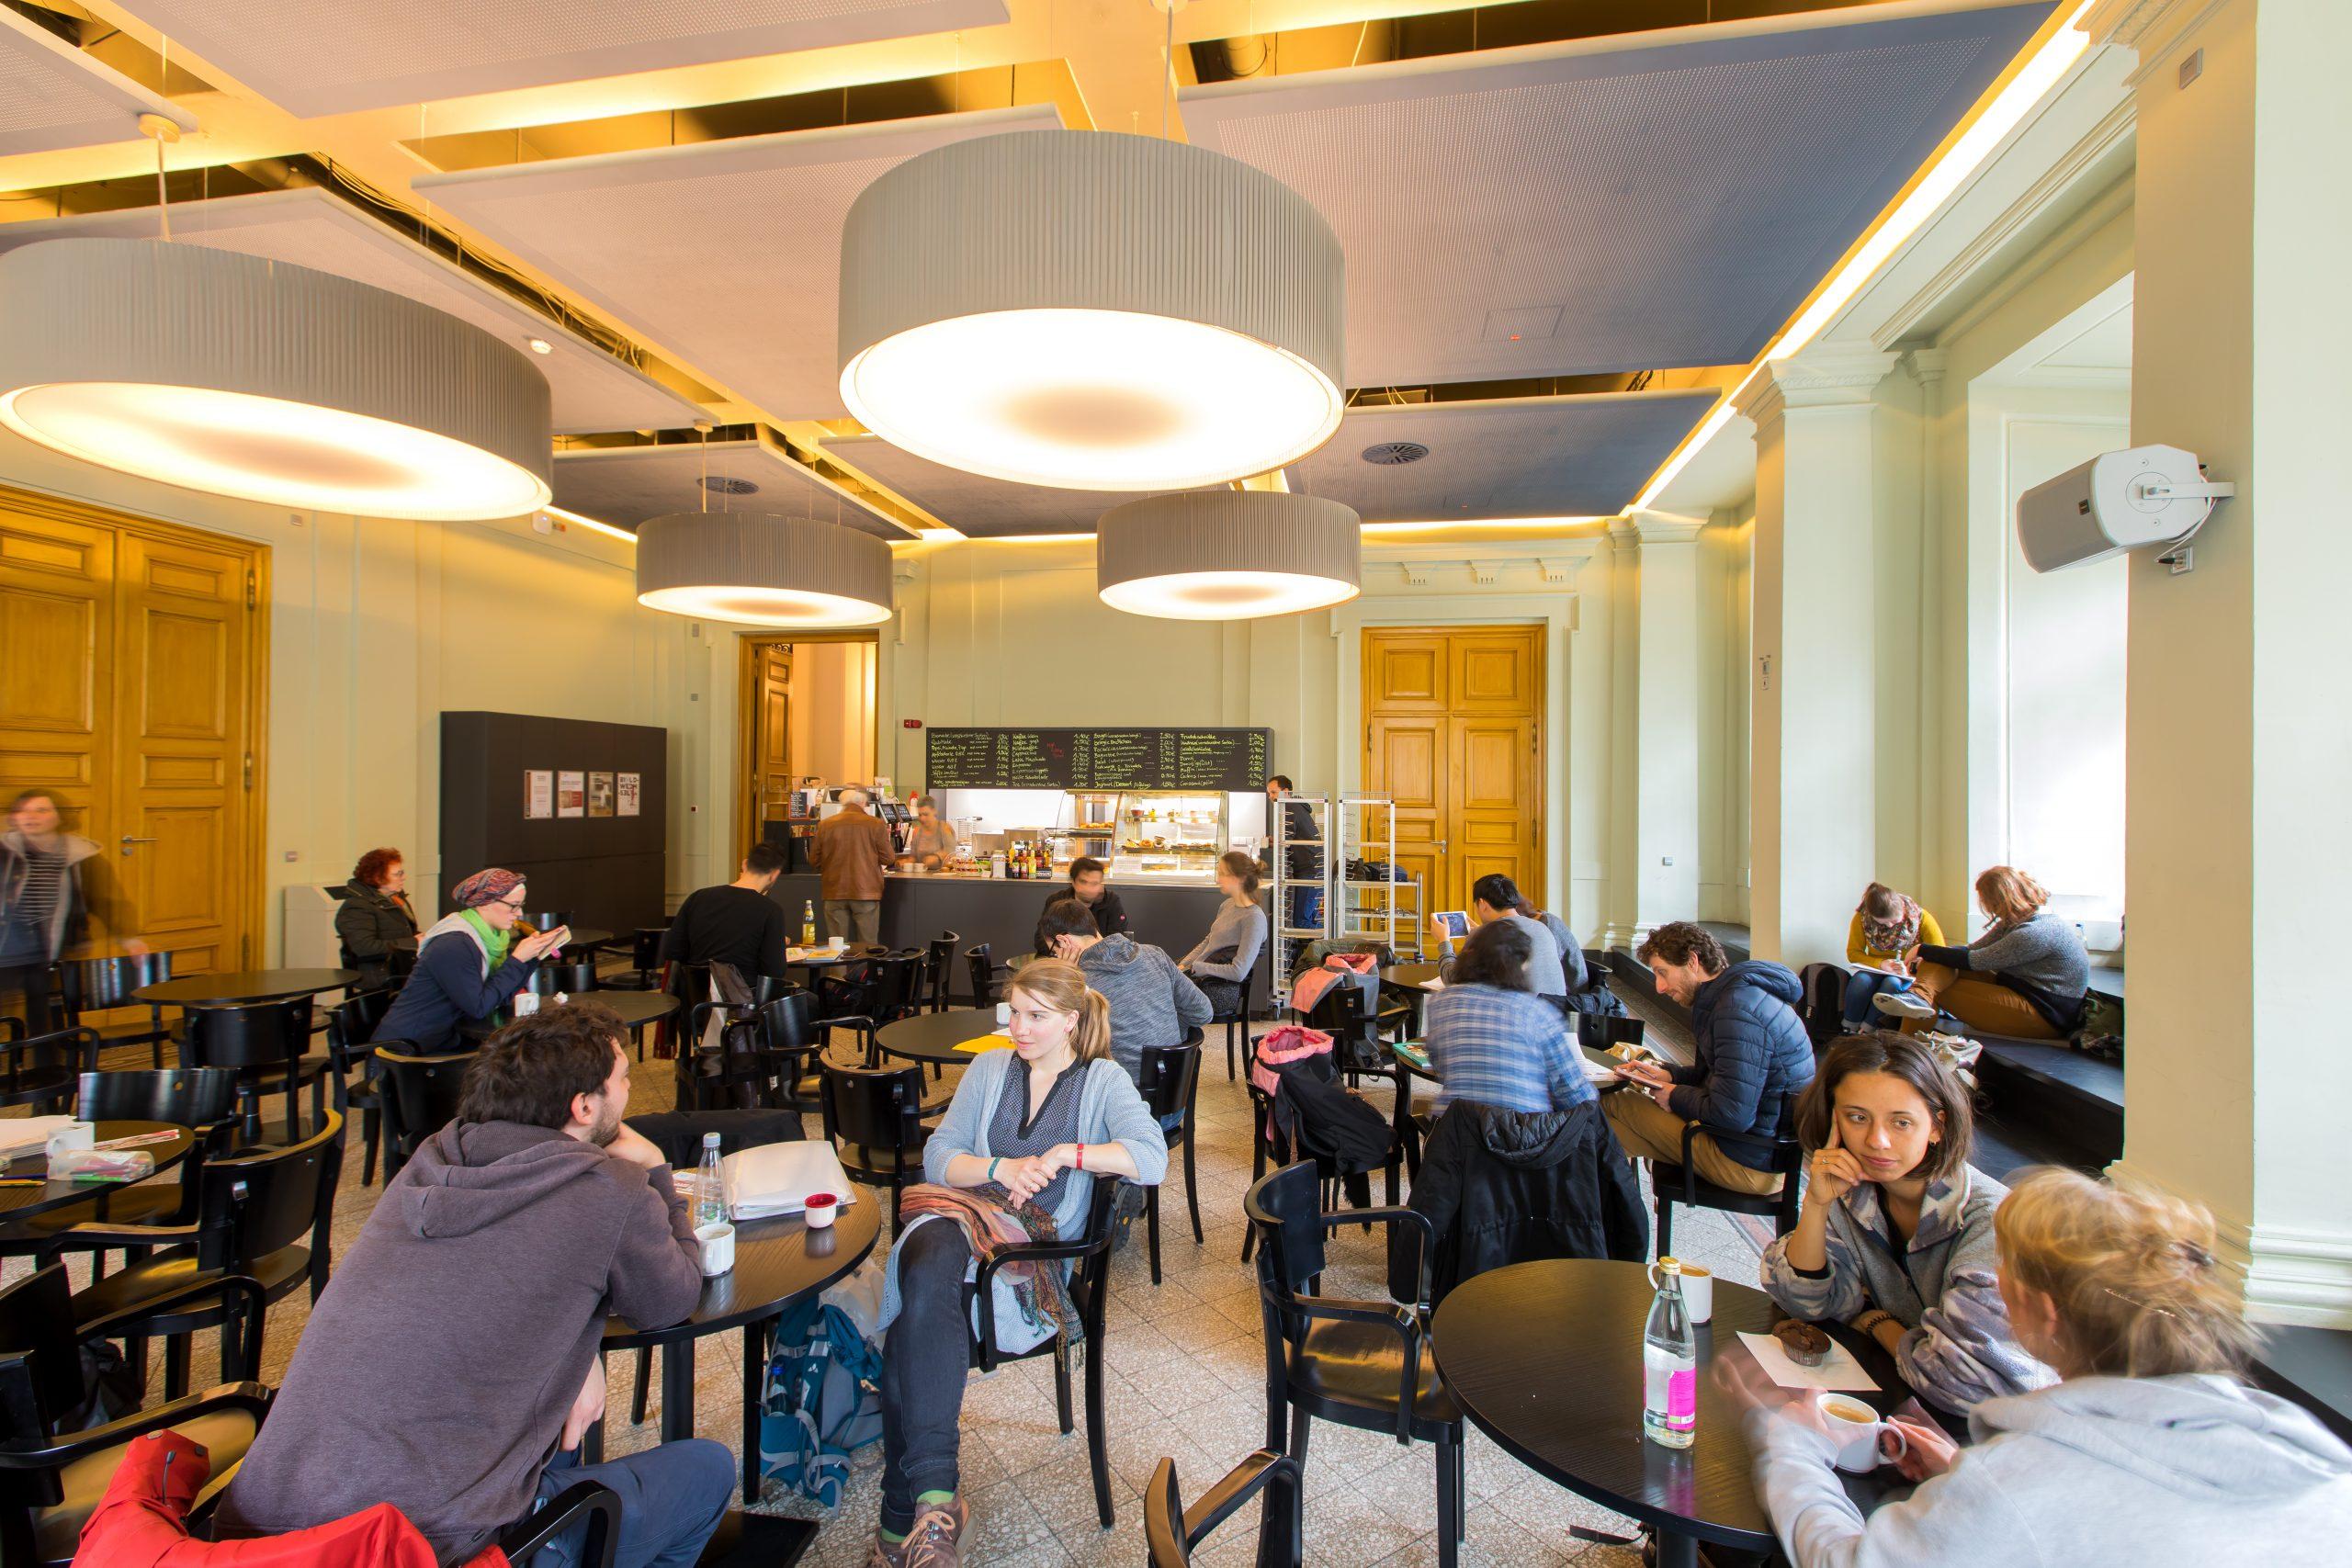 Zahlreiche Gäste unterhalten sich im Café Alibi